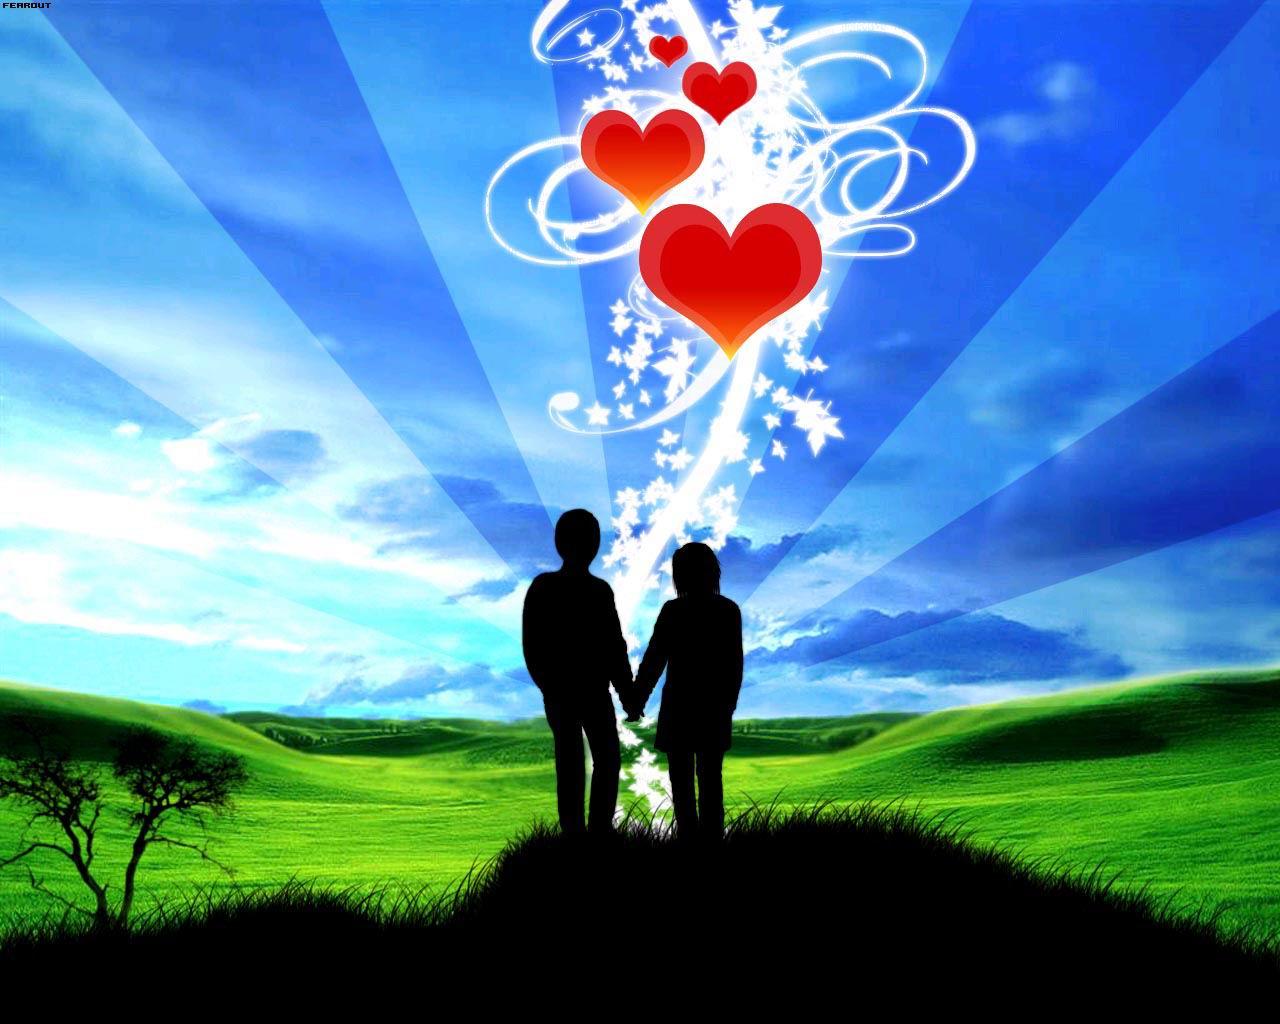 صور كيف تعرف انك تحب , الحب نبض الحياة